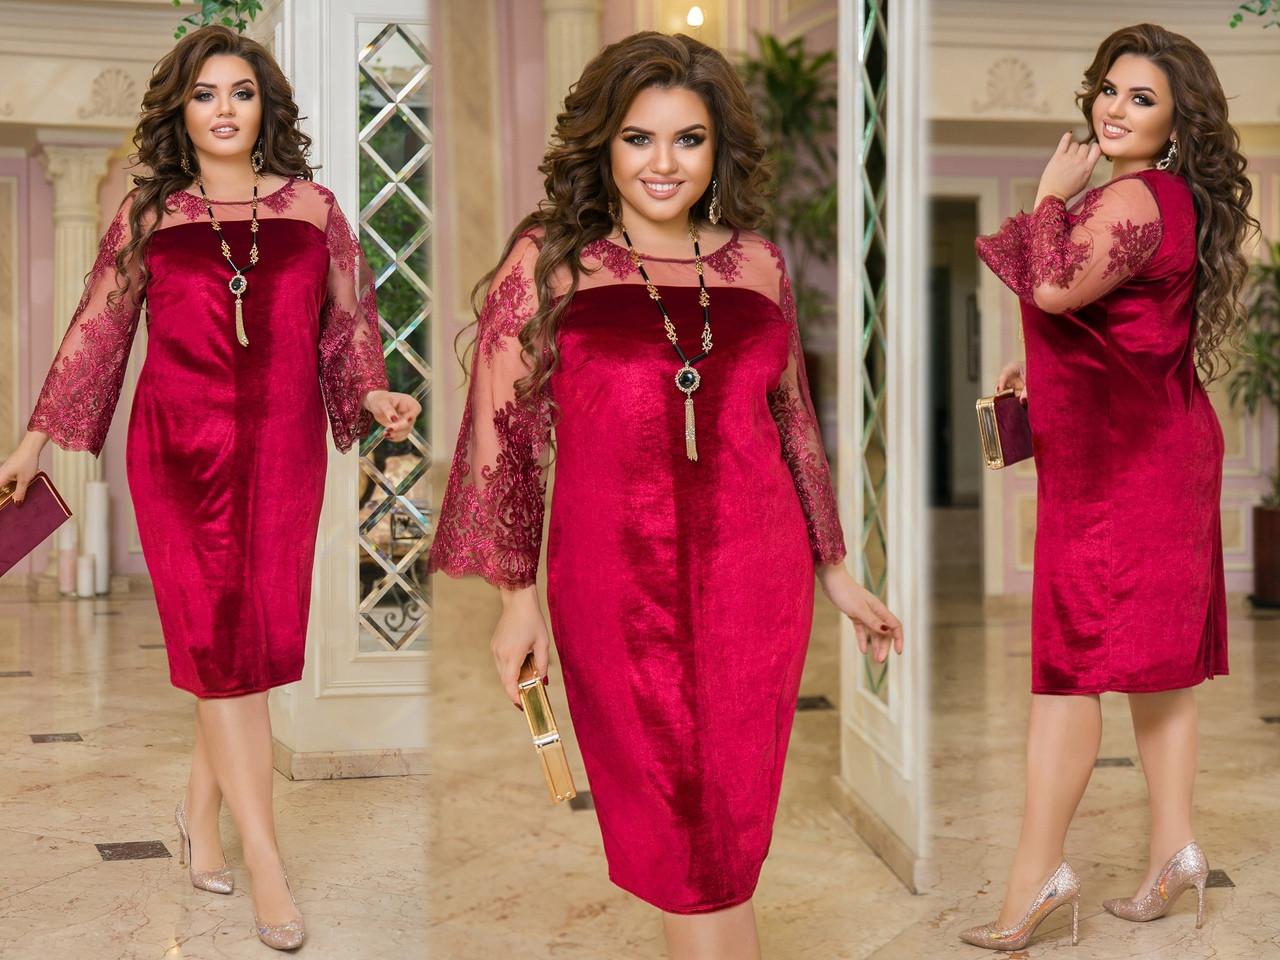 Платье велюровое вставки из вышивки на сетке Большого размера, Красивое женское платье вечернее Большого